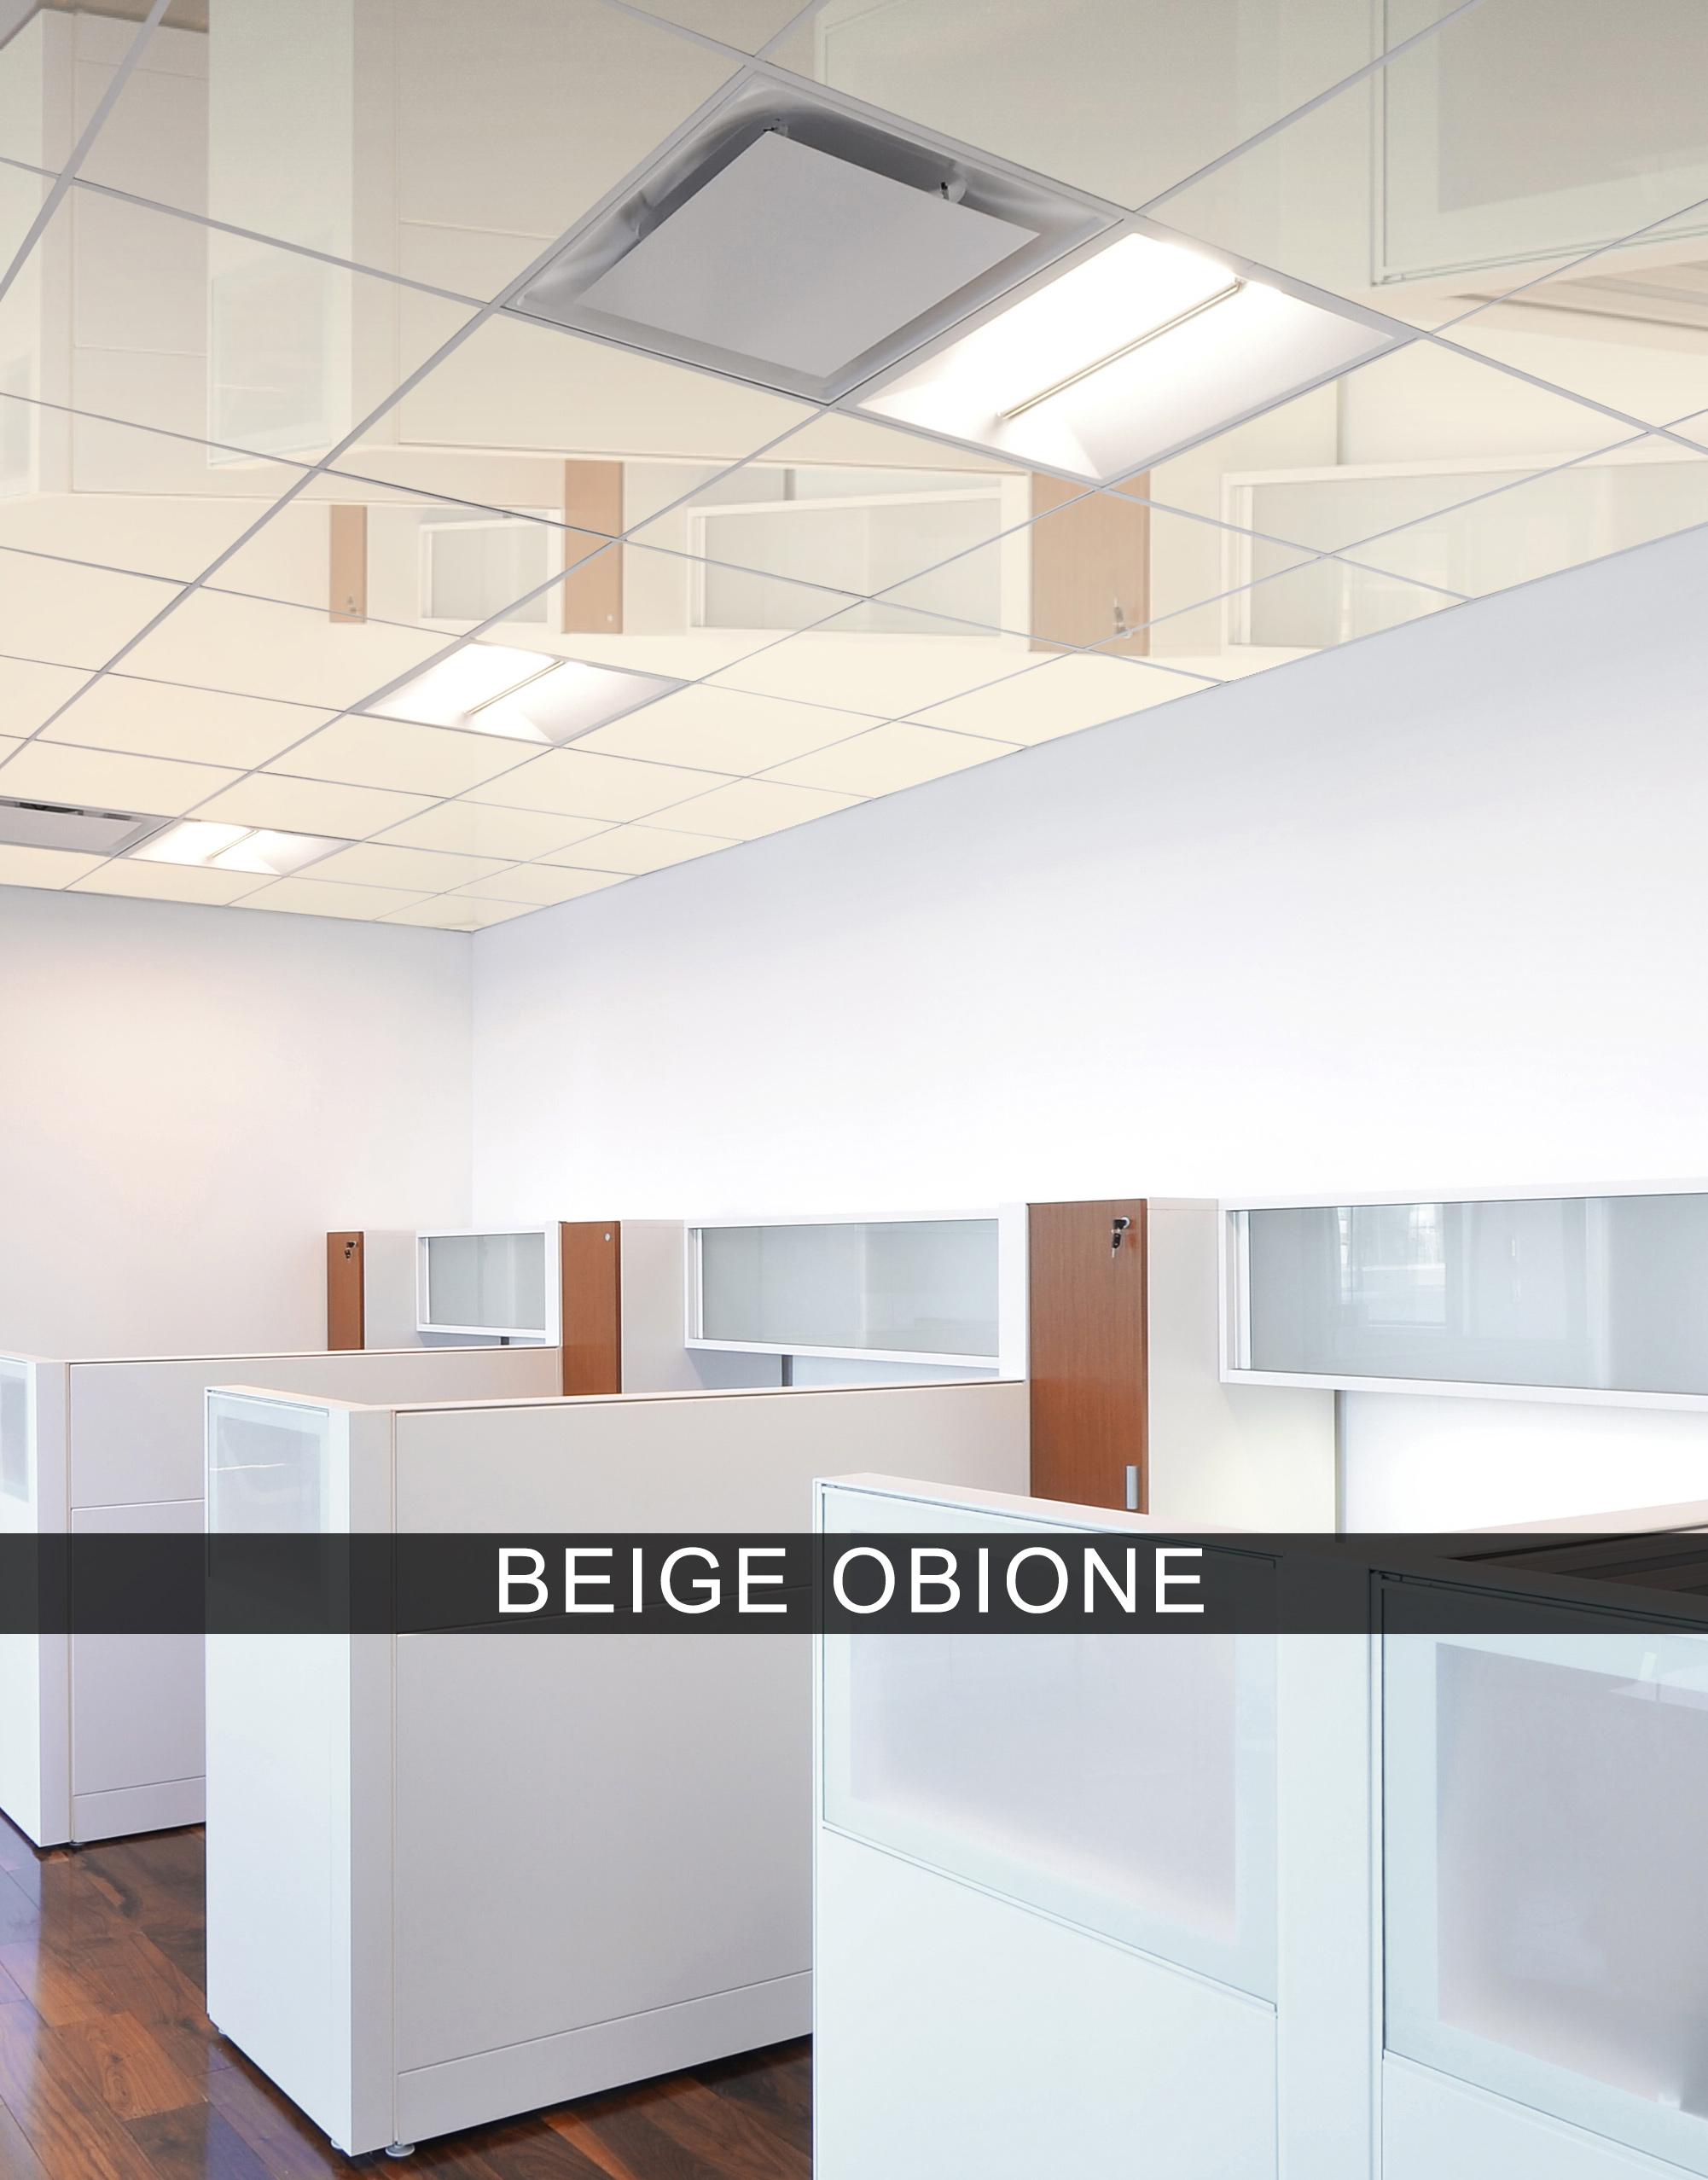 beigeobione